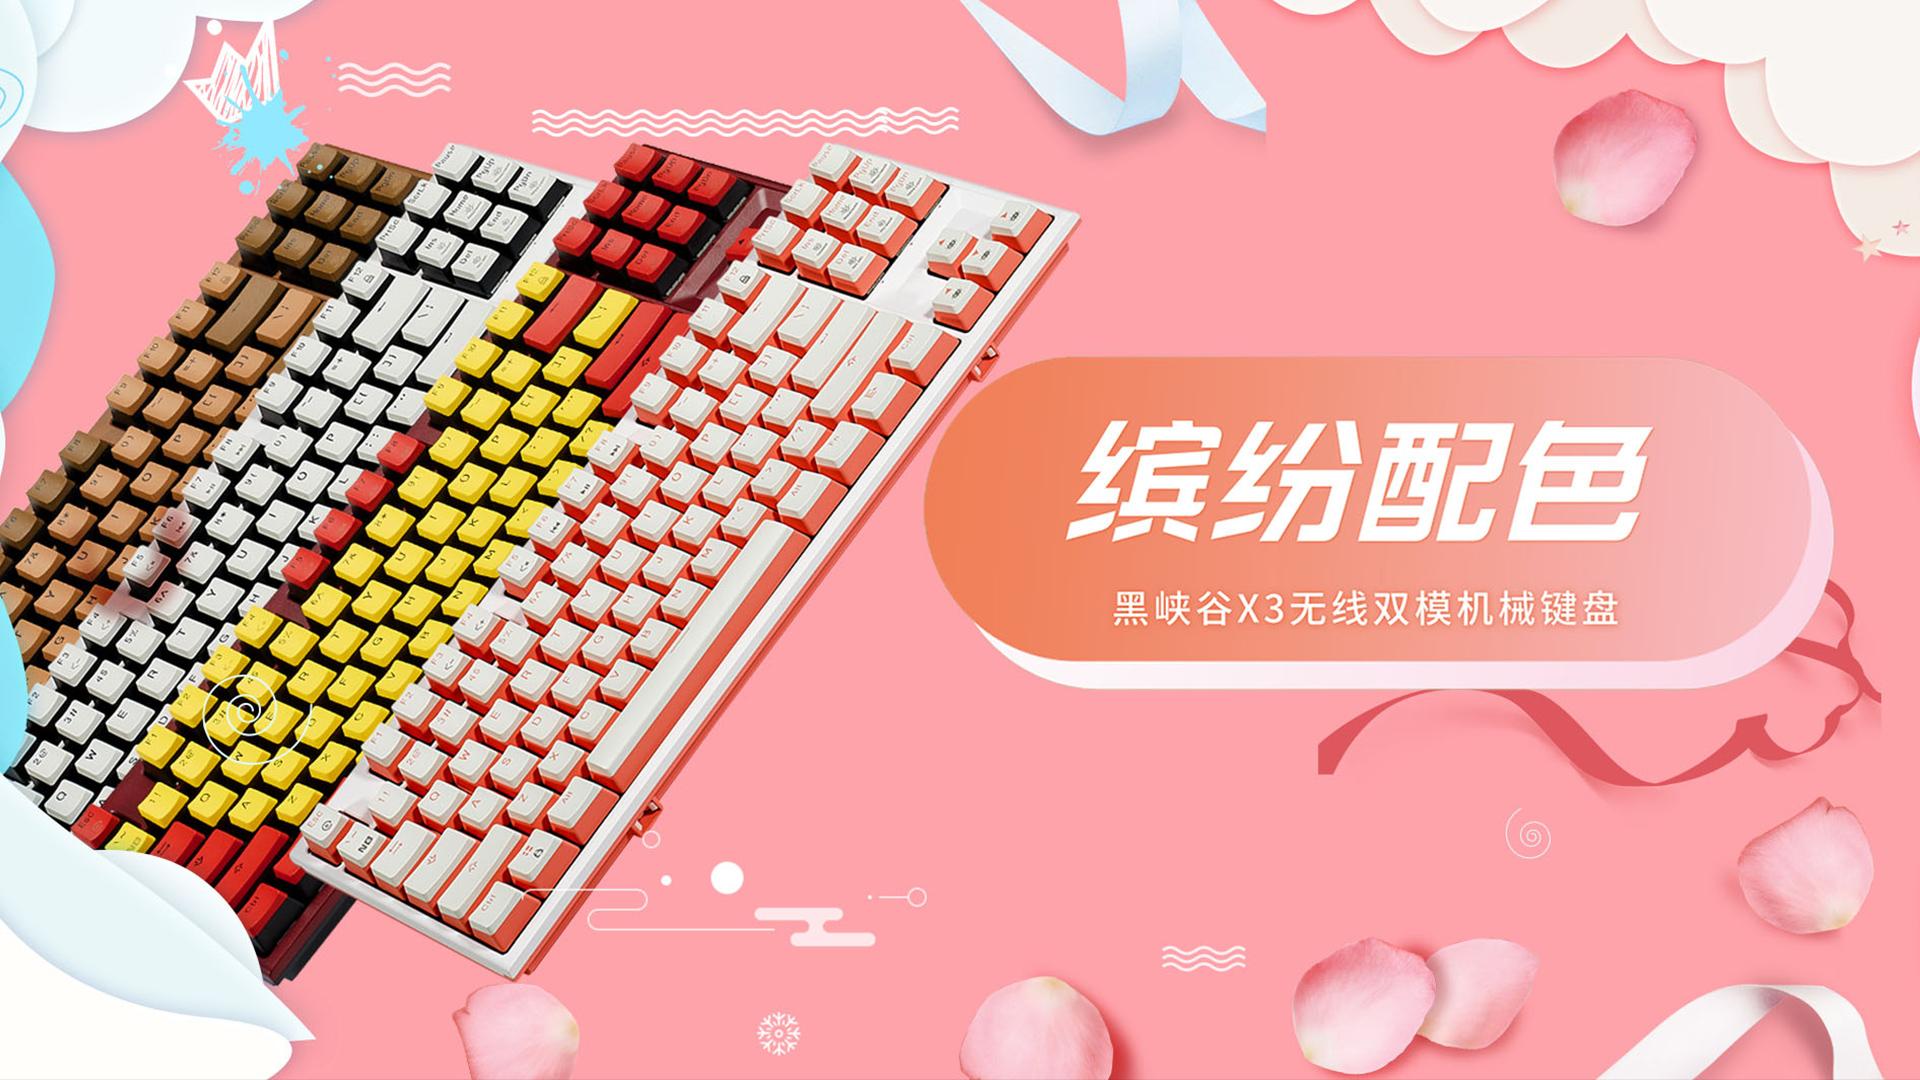 外设天下 低价高配的典型键盘!黑峡谷 X3 无线双模机械键盘